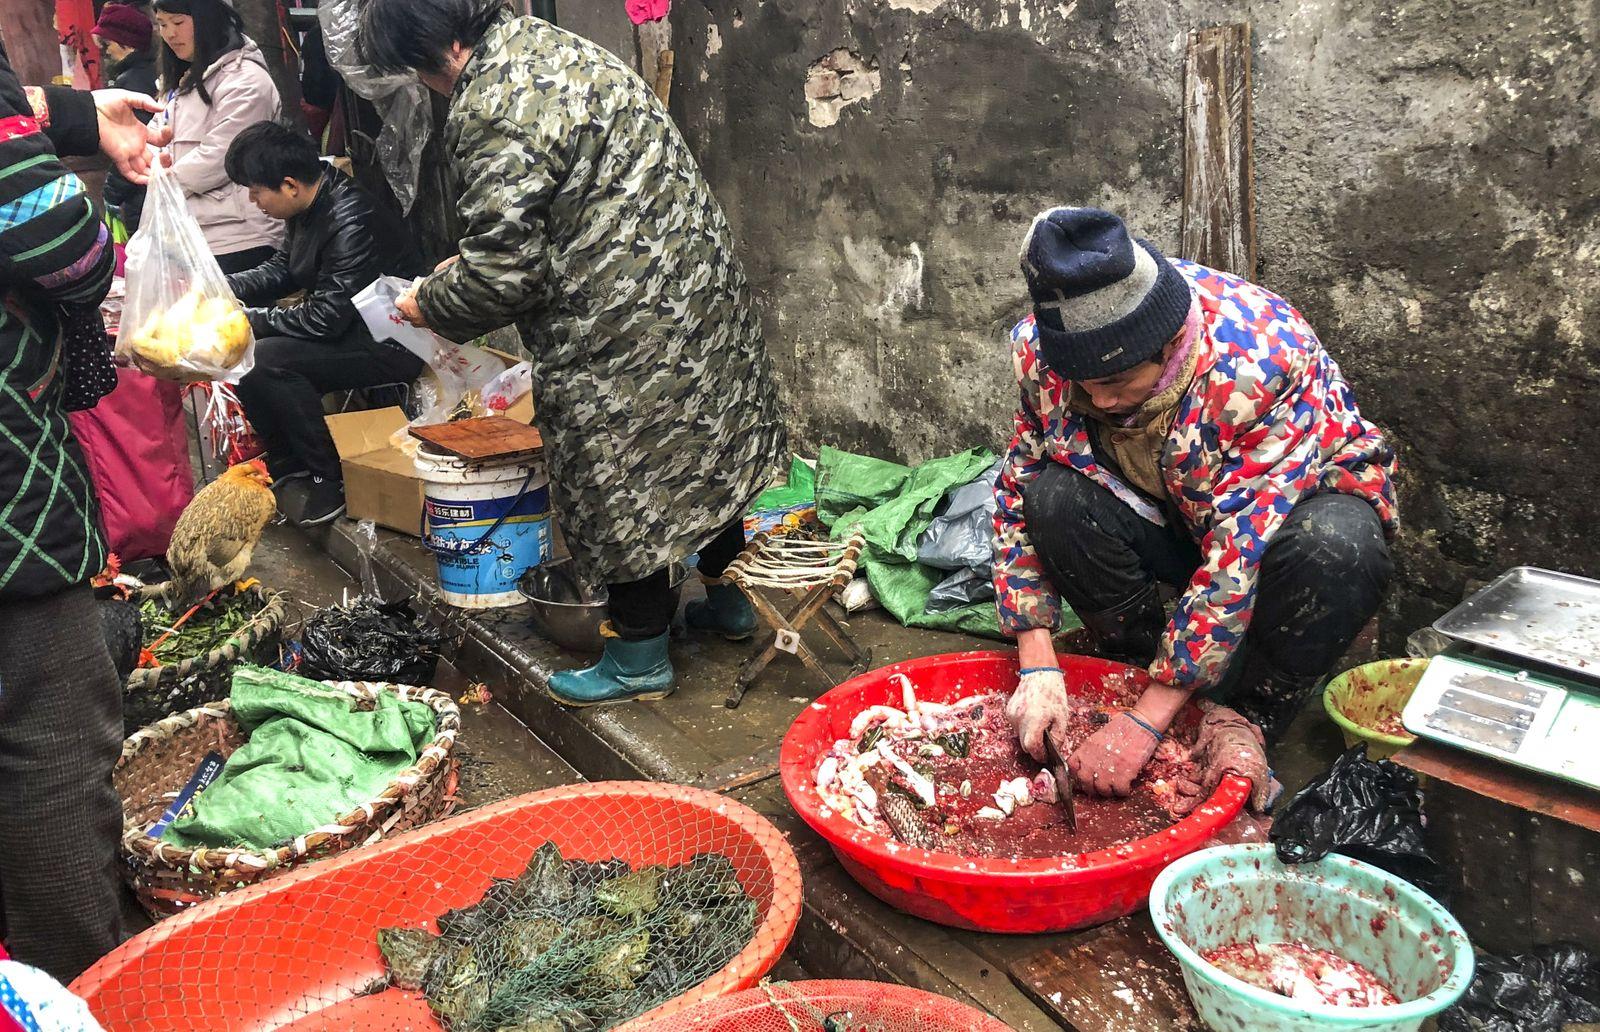 Schon knapp 60 infizierte Menschen: Mysteriöse Lungenkrankheit der zentralchinesischen Provinz Hubei